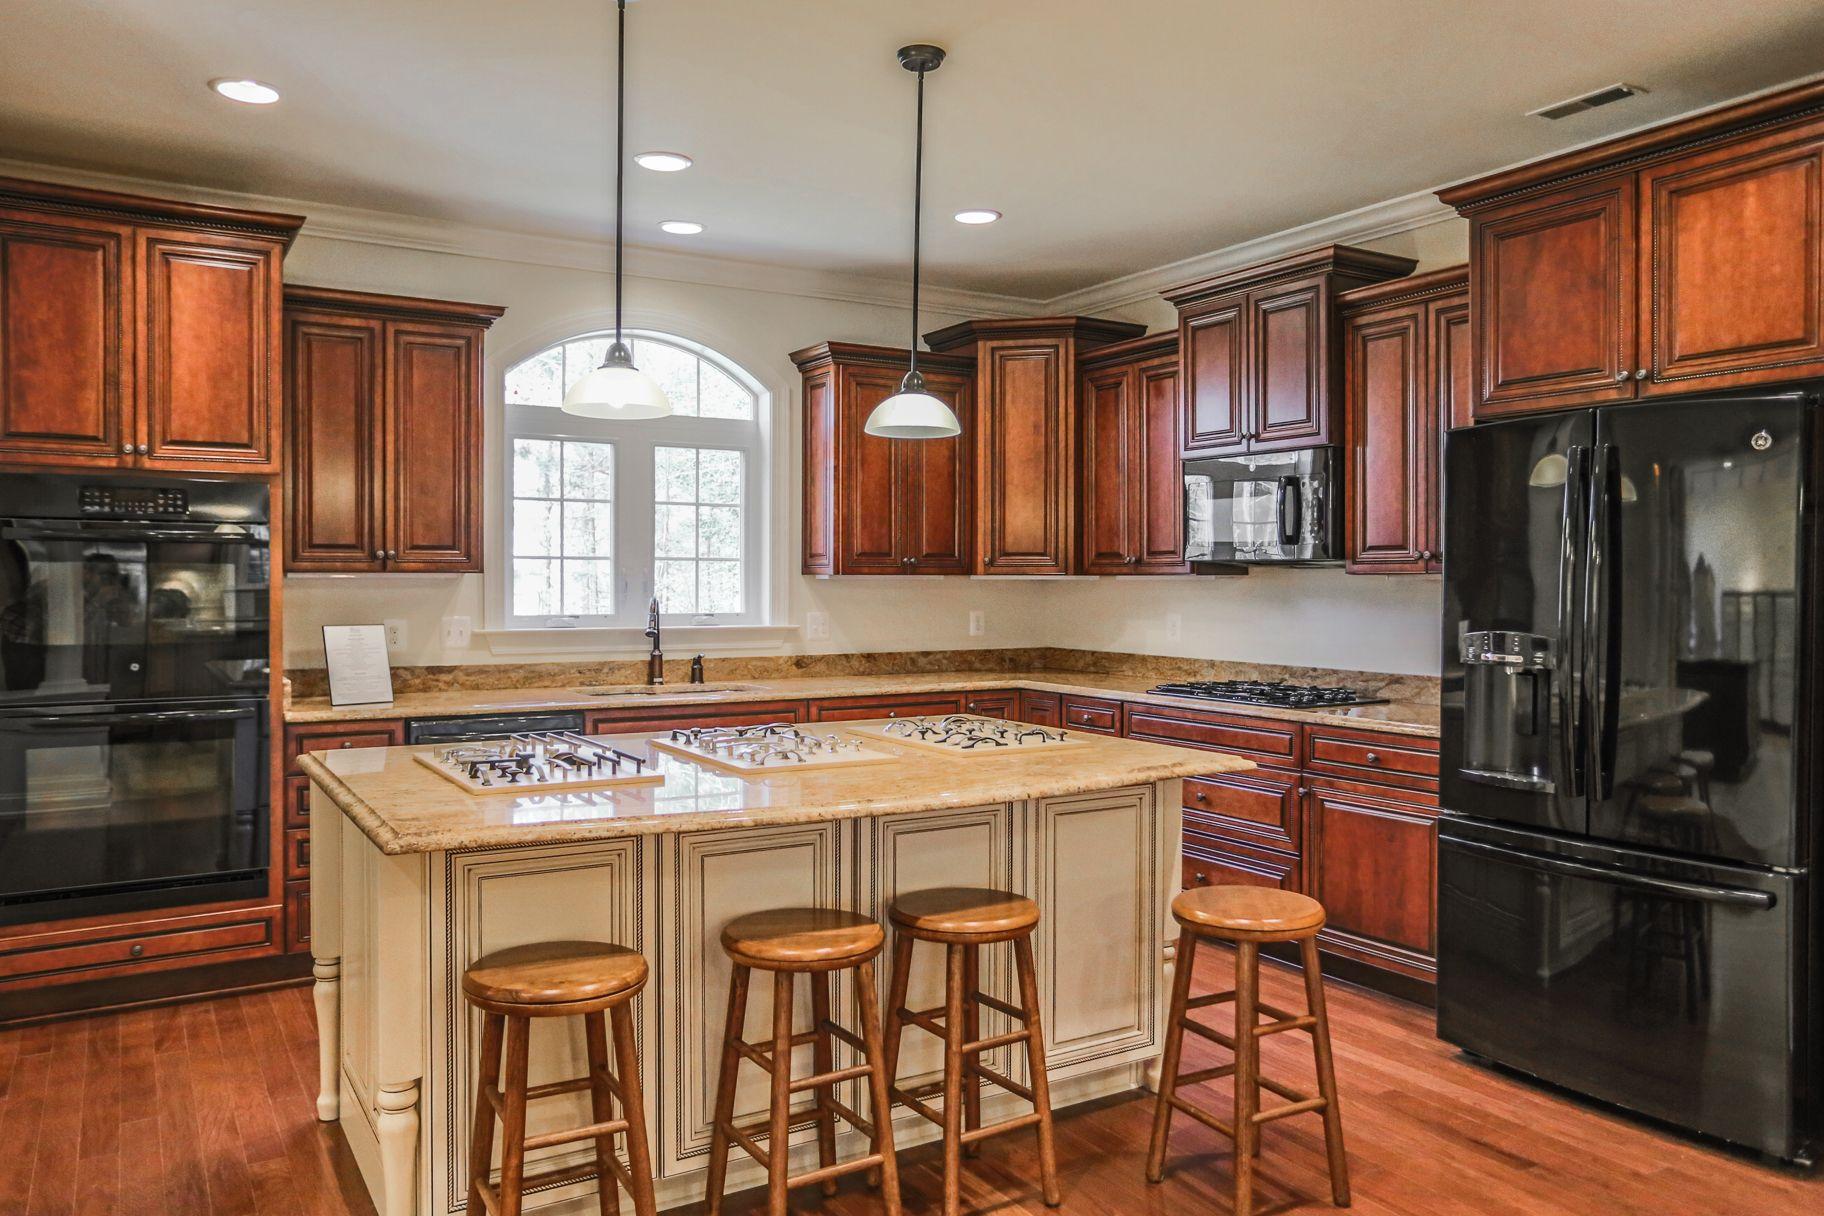 Quality Built Homes New Home Design Information Design Center Kitchen Design Design Your Home New Home Designs